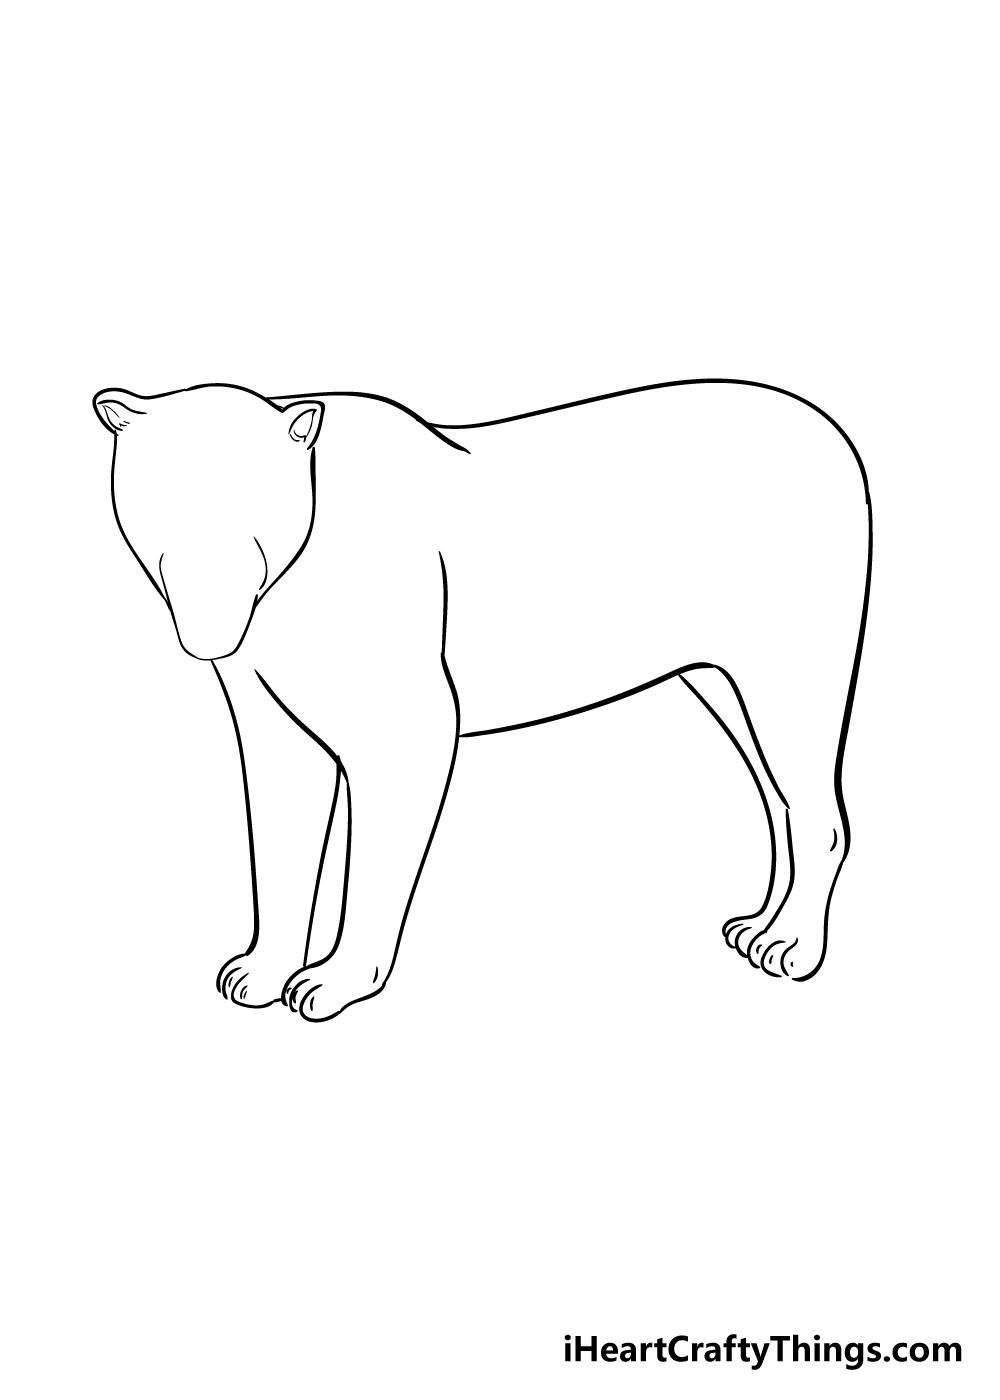 jaguar drawing step 5